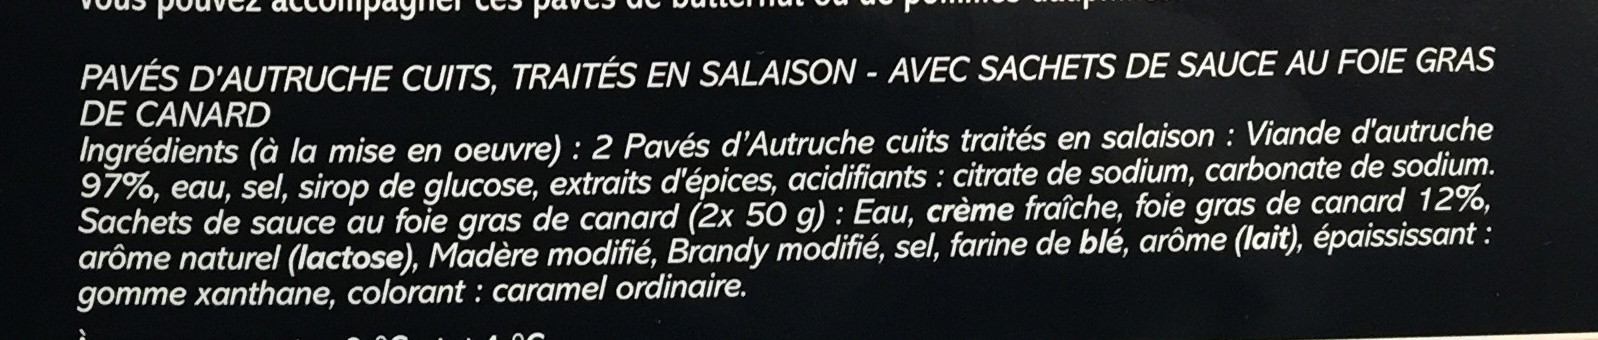 Saveurs forestières Autruche avec Sauce Foie Gras - Ingrédients - fr